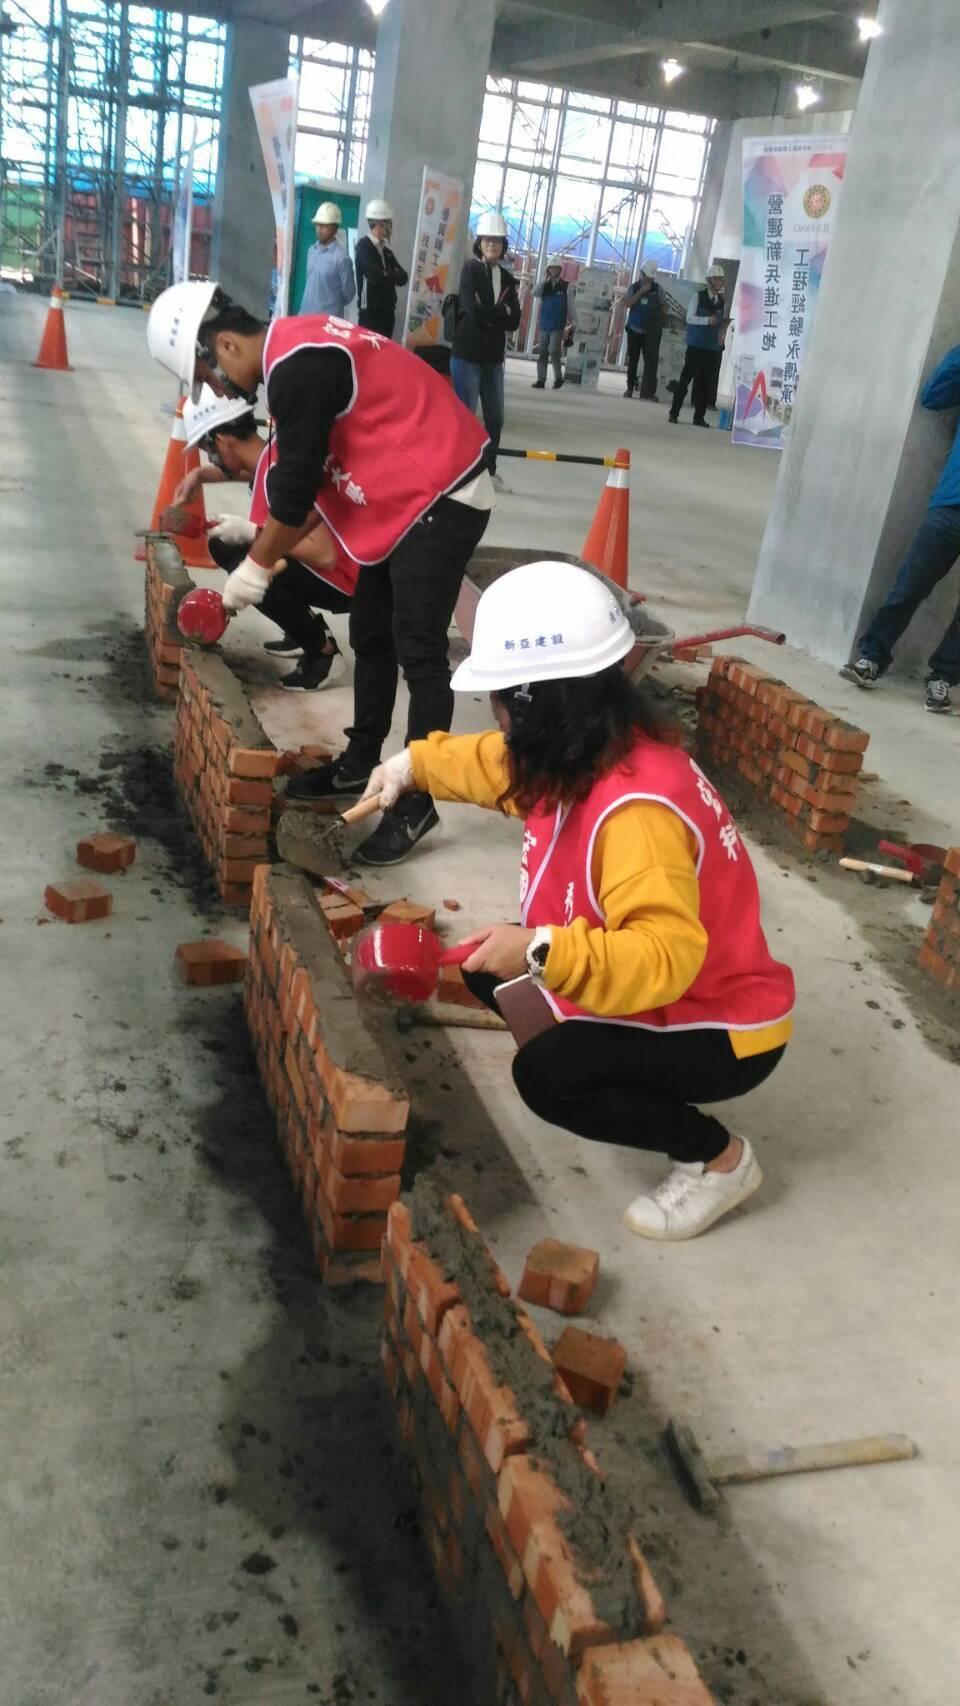 新北市工務局和教育局共同推動「技職教育紮根計畫」營建業媒合平台,讓技職學校學生能...